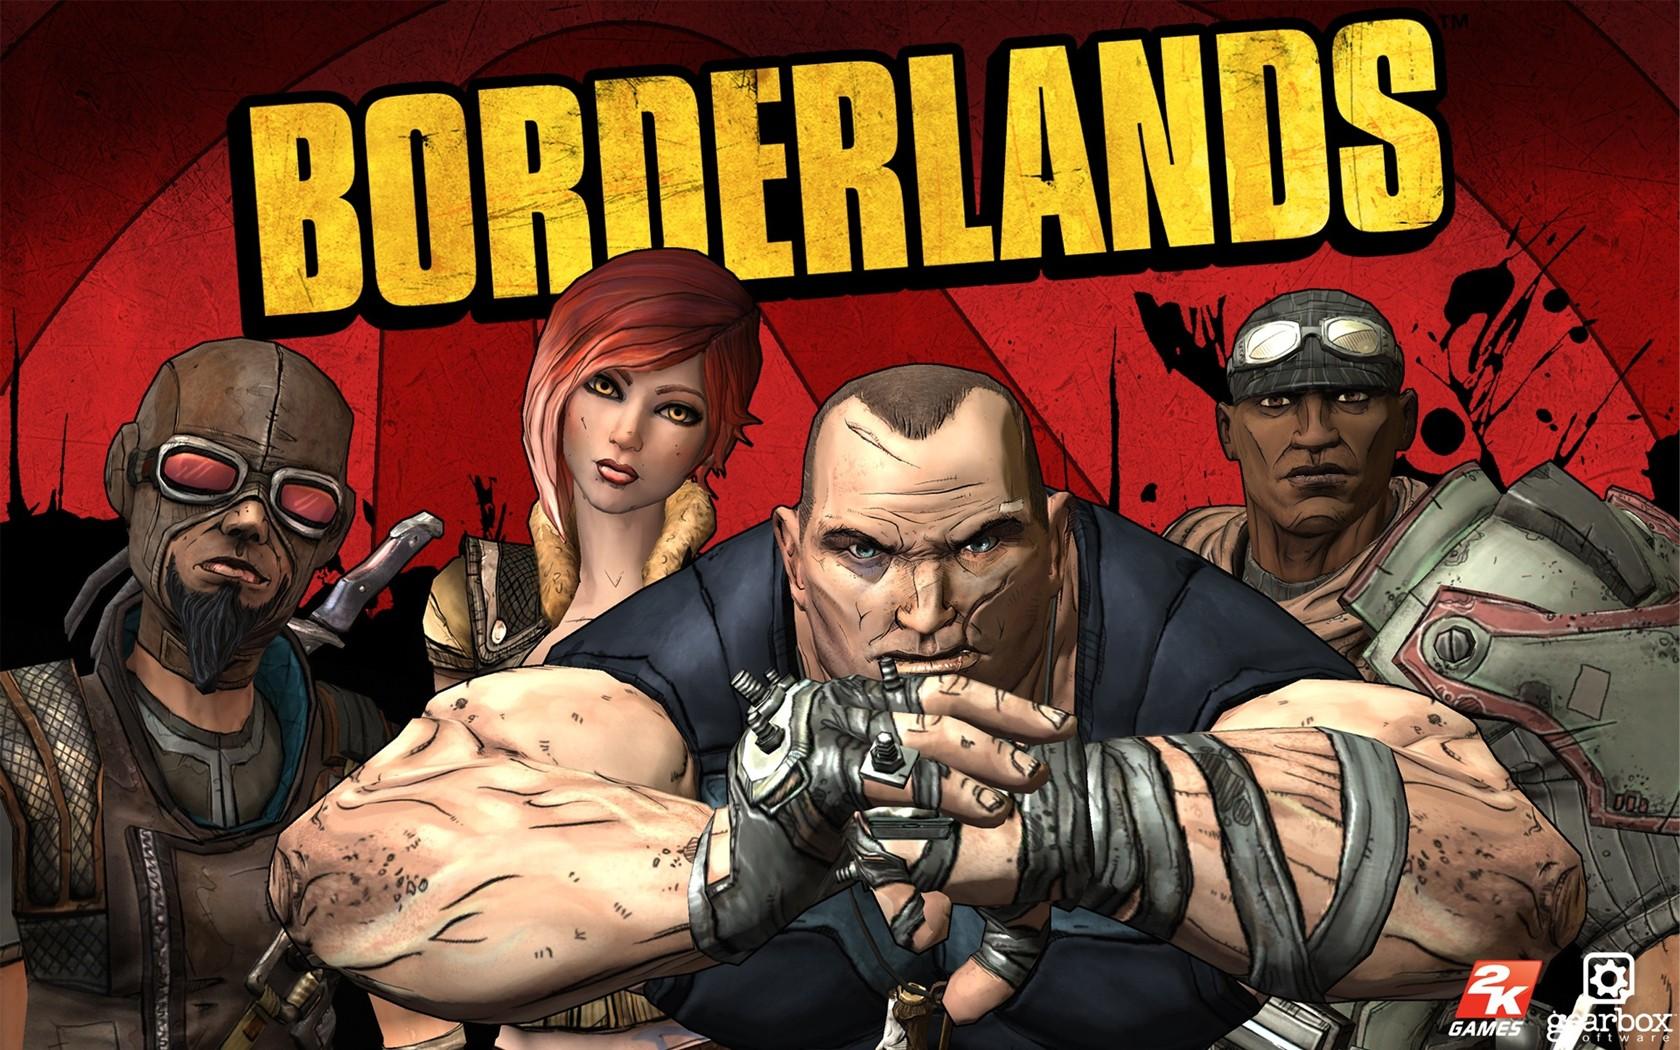 General 1680x1050 Borderlands video games PlayStation 3 Xbox 360 PC gaming video game art video game man video game girls